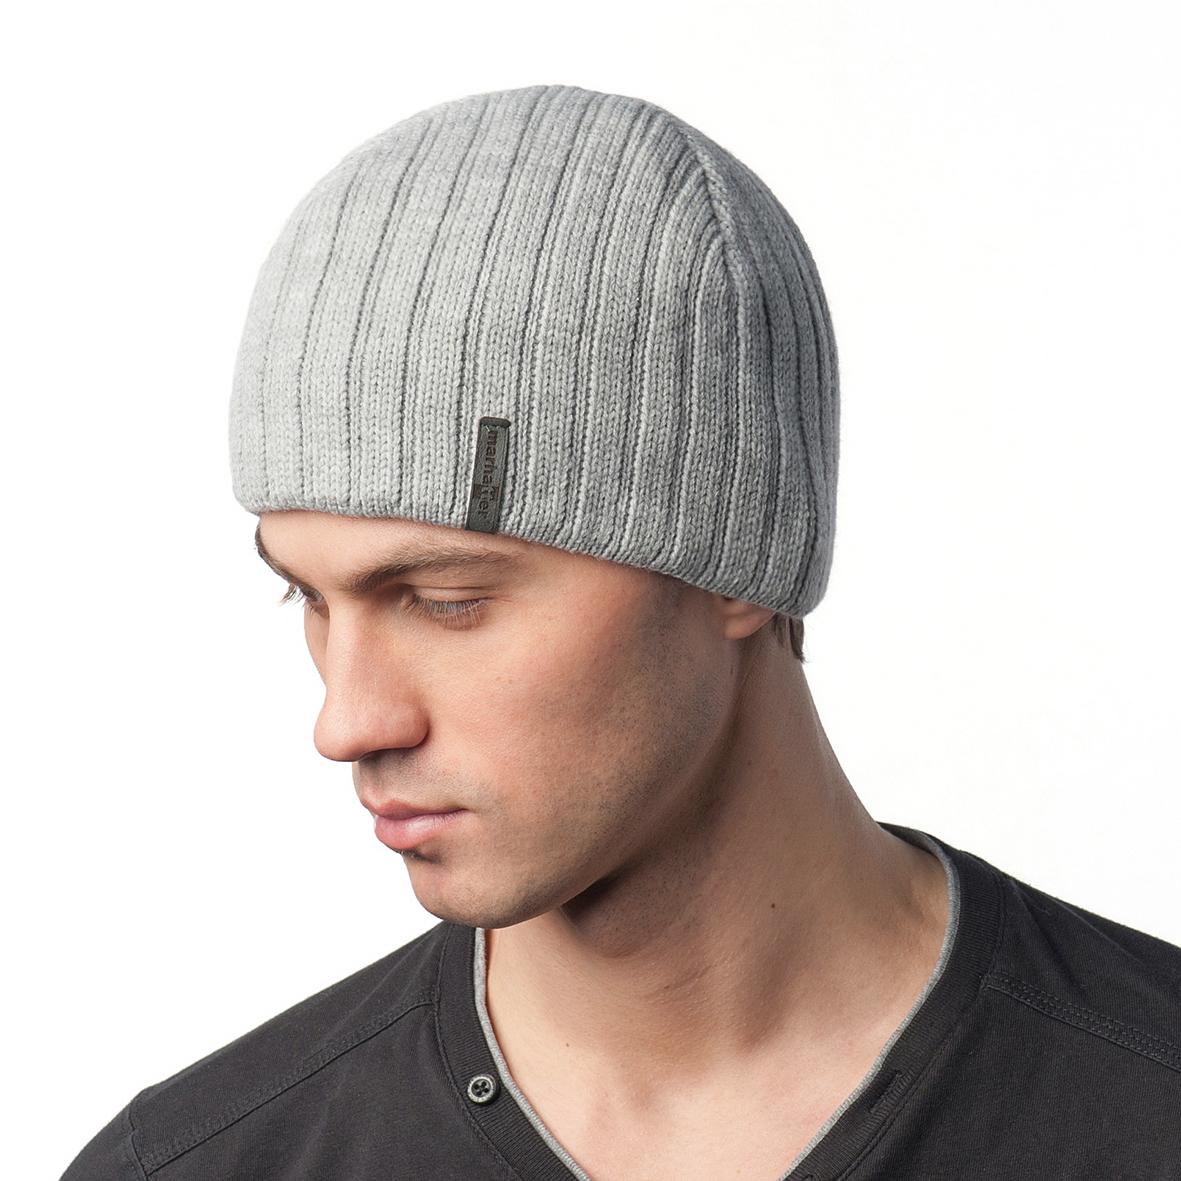 Шапка мужская из текстиля от Московская Меховая Компания